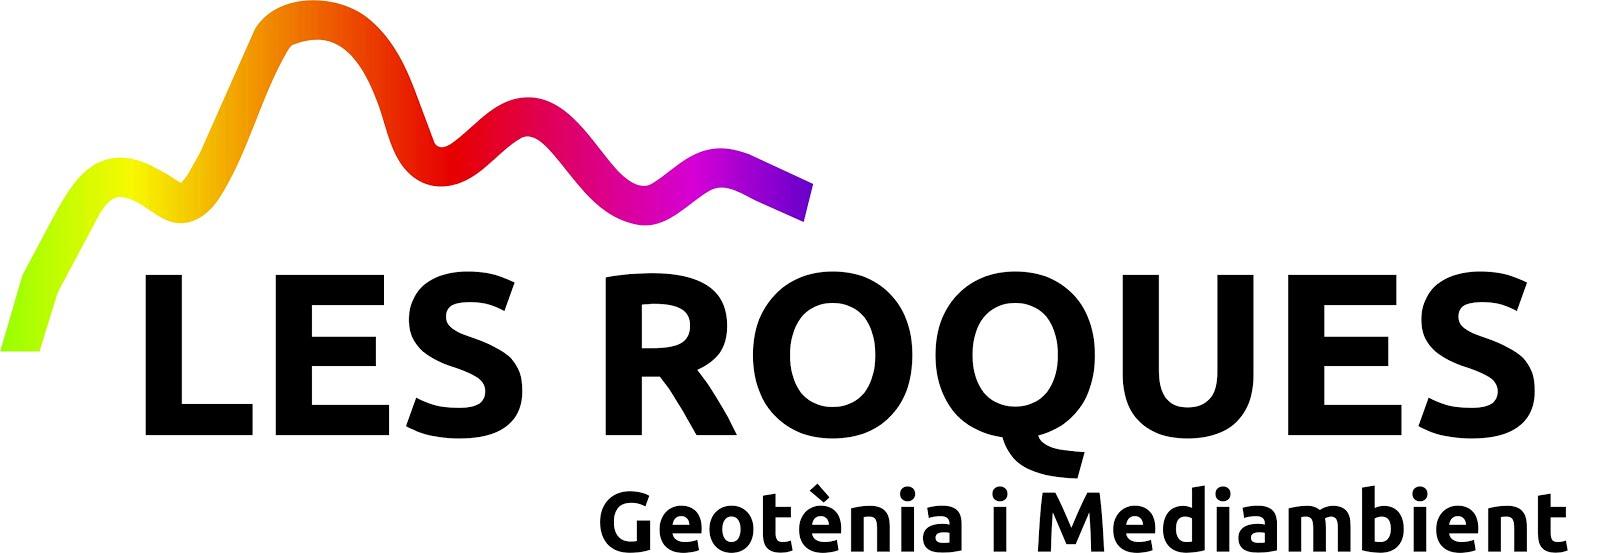 Les Roques Geotecnia